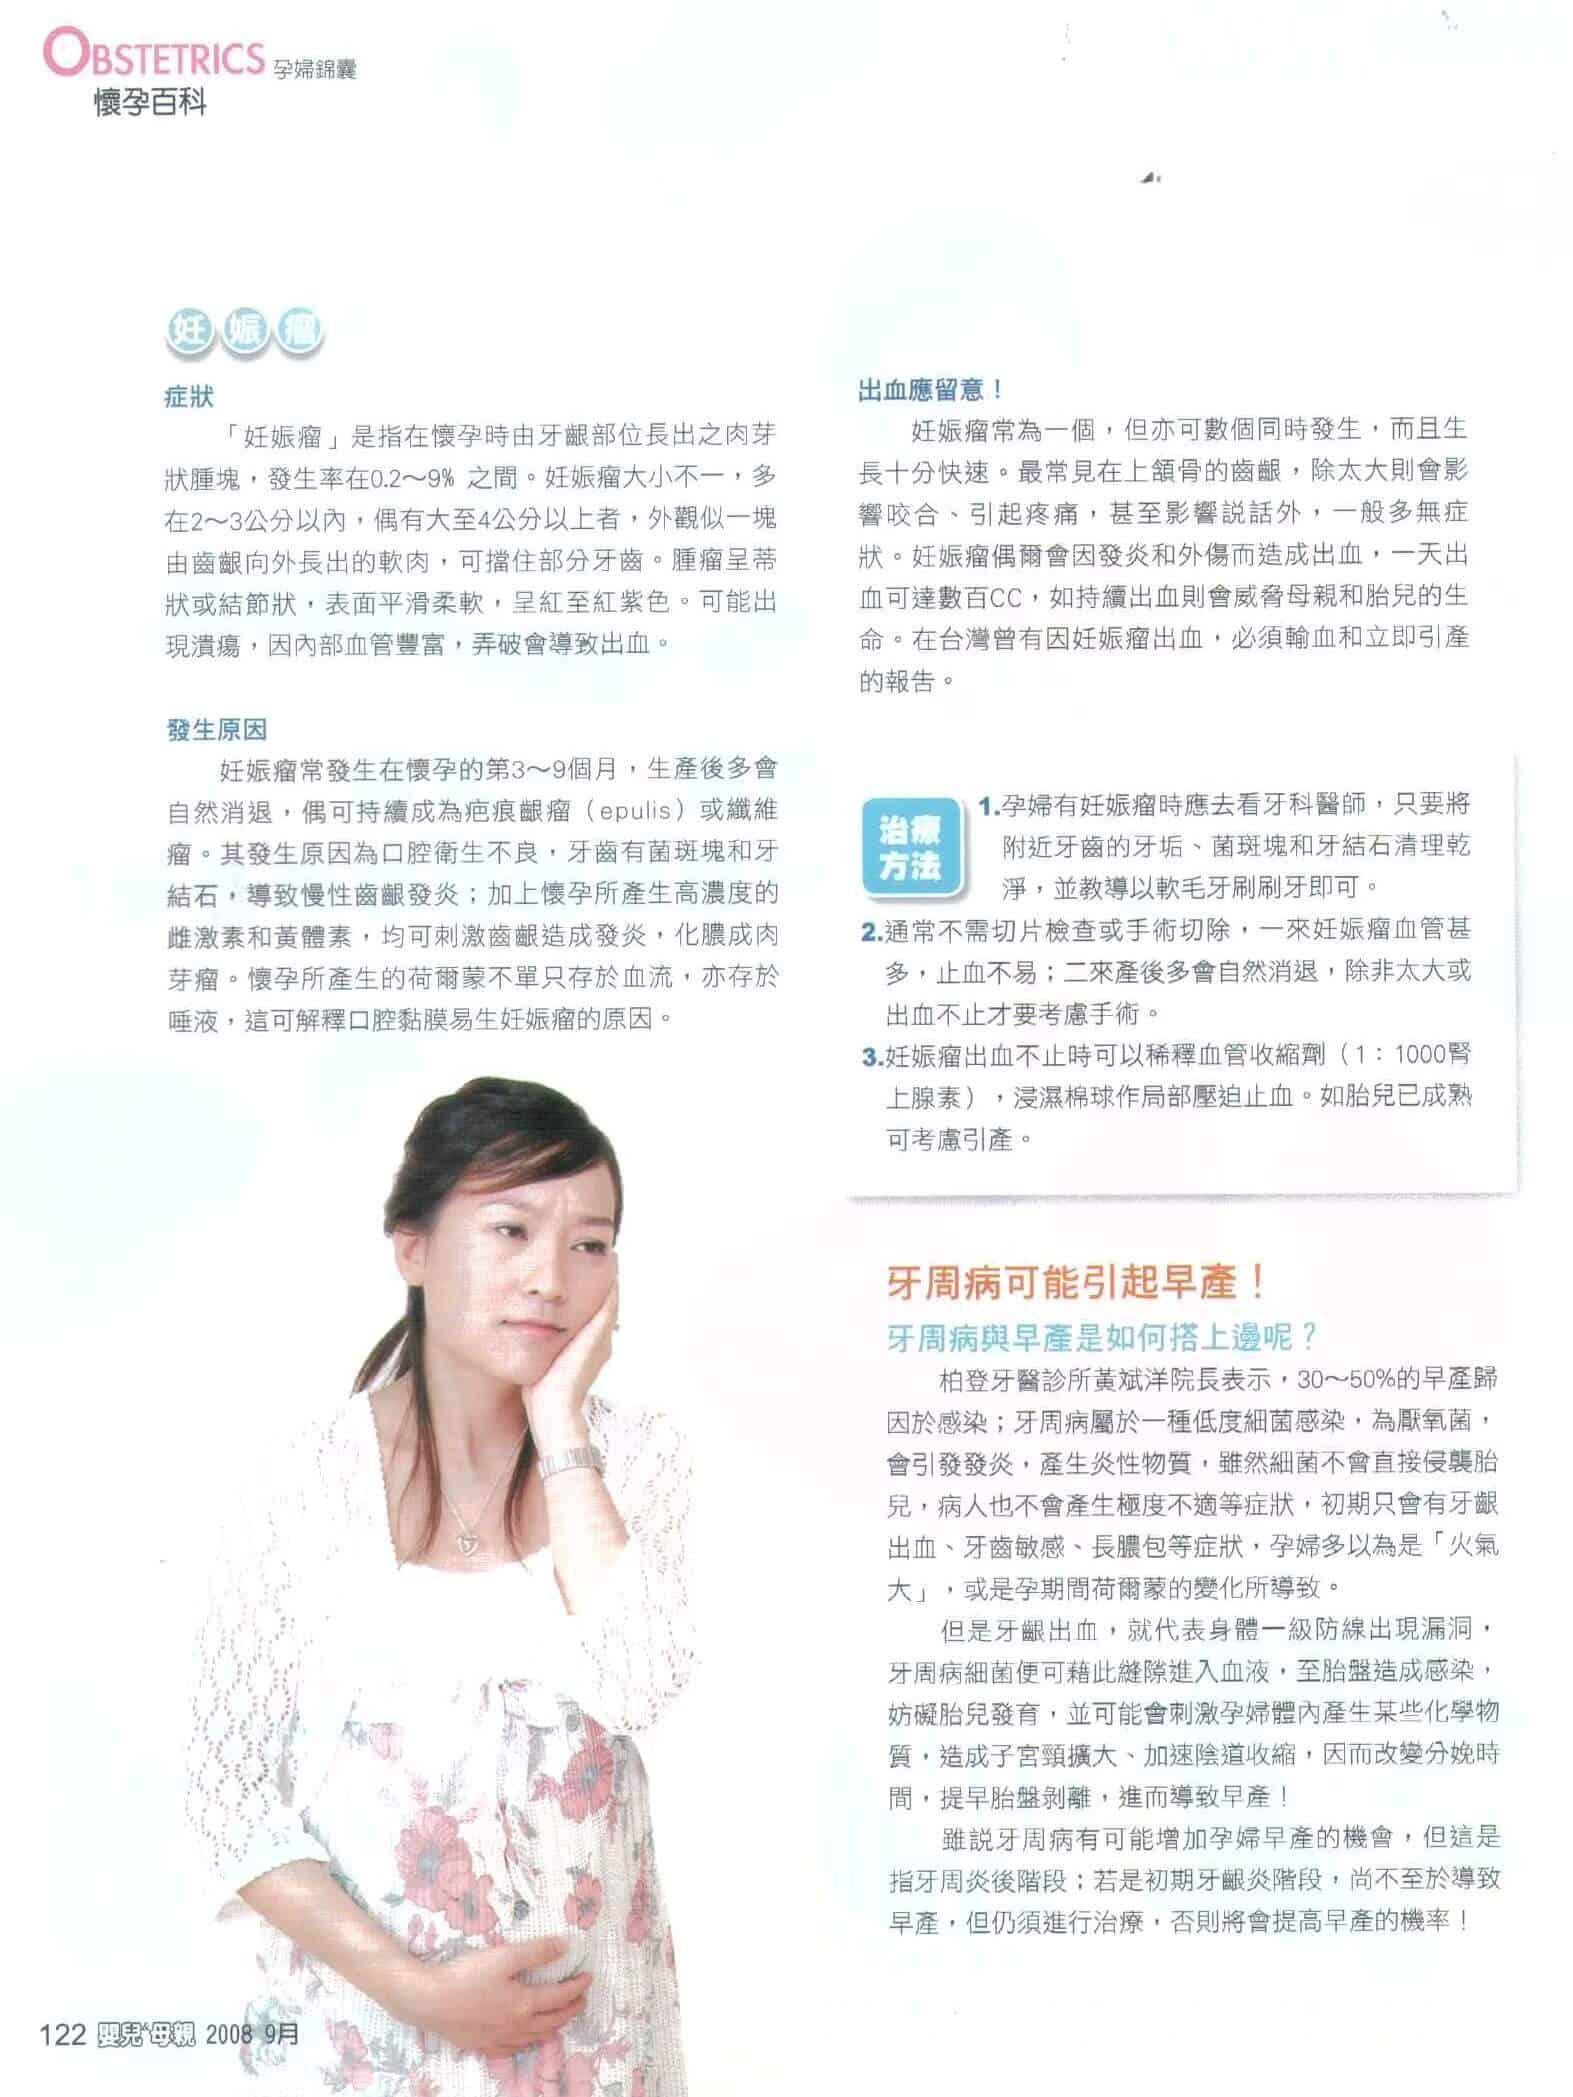 20061216嬰兒與母親-牙周病與早產-柏登牙醫-3